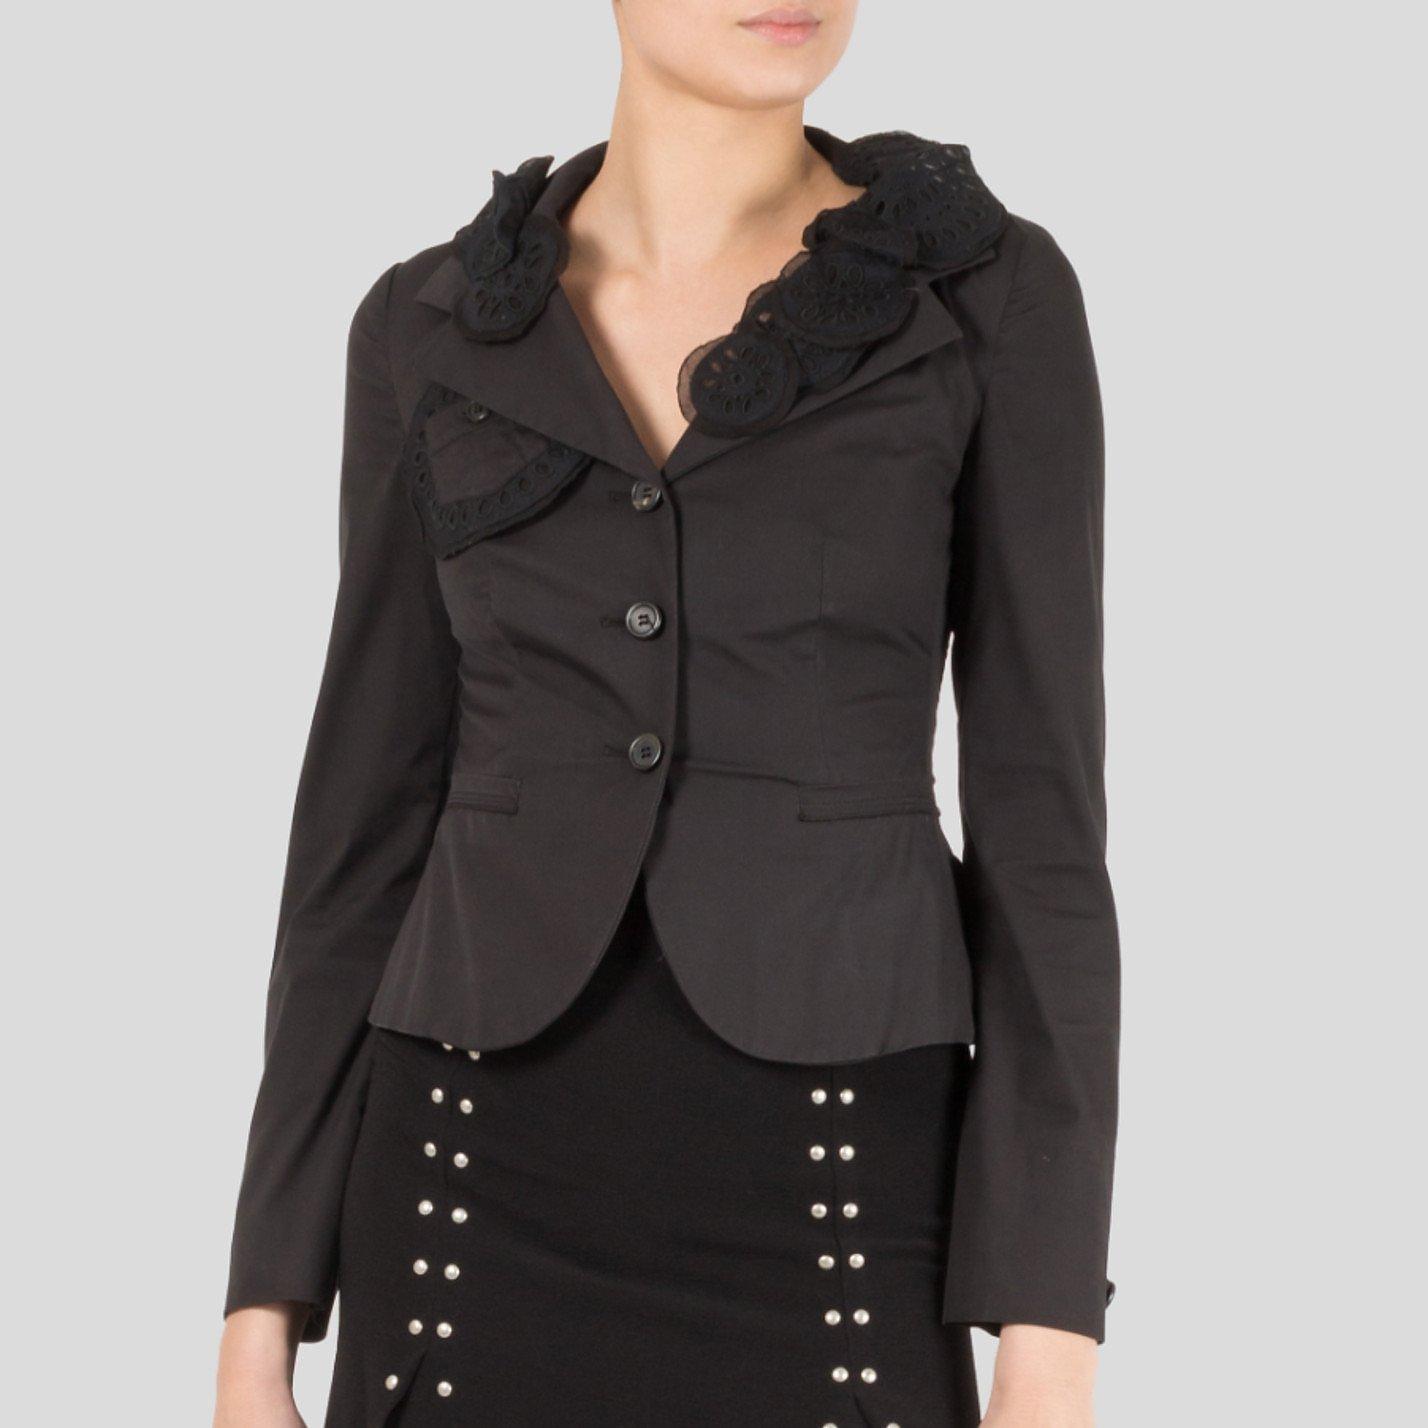 PRADA Embroidered Applique-Detail Blazer Jacket